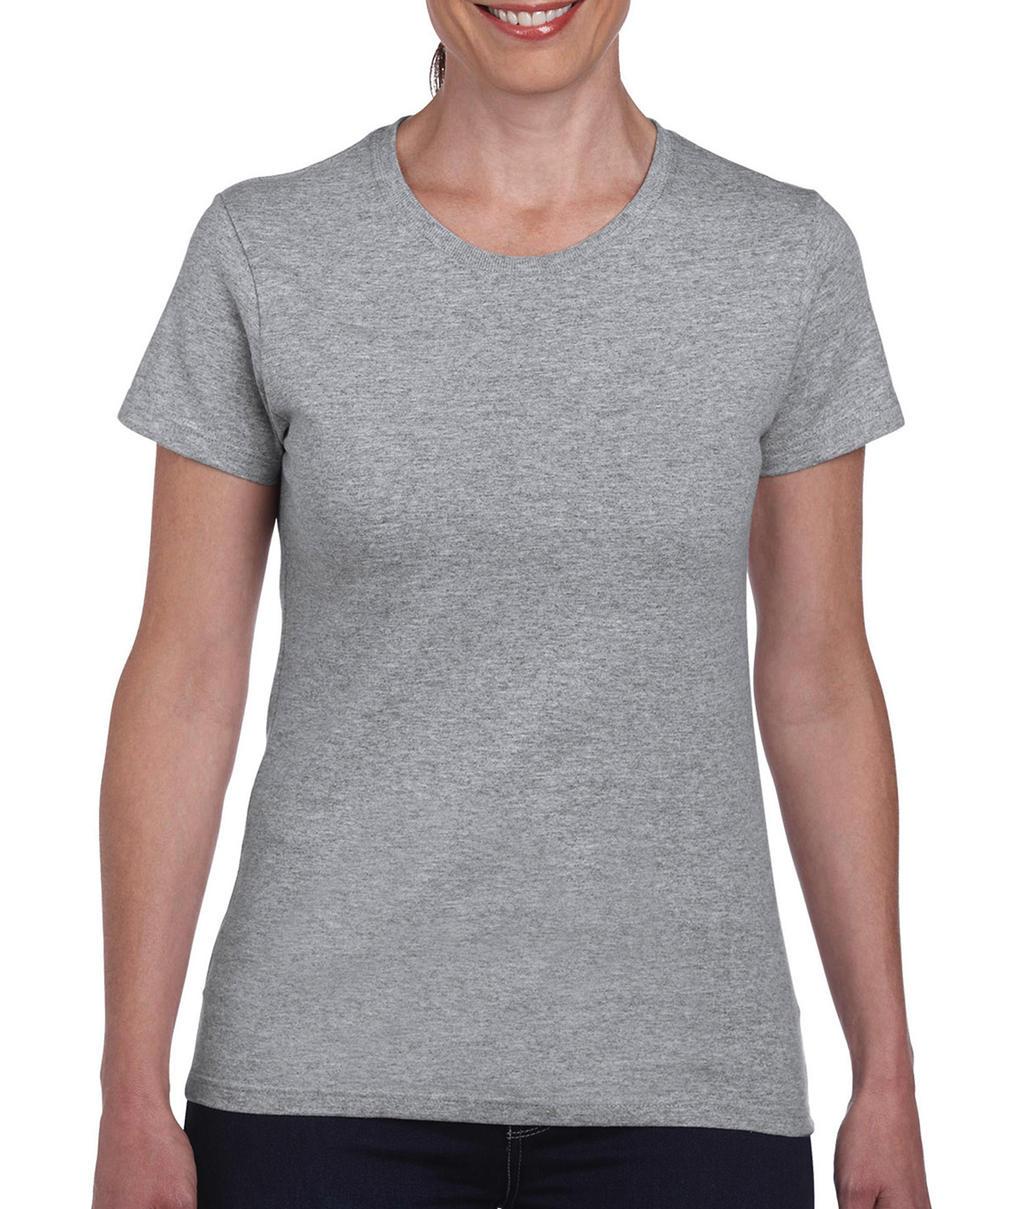 T-Shirt Gildan femme impression qualité atelier monsieur coton textile rennes france.jpg